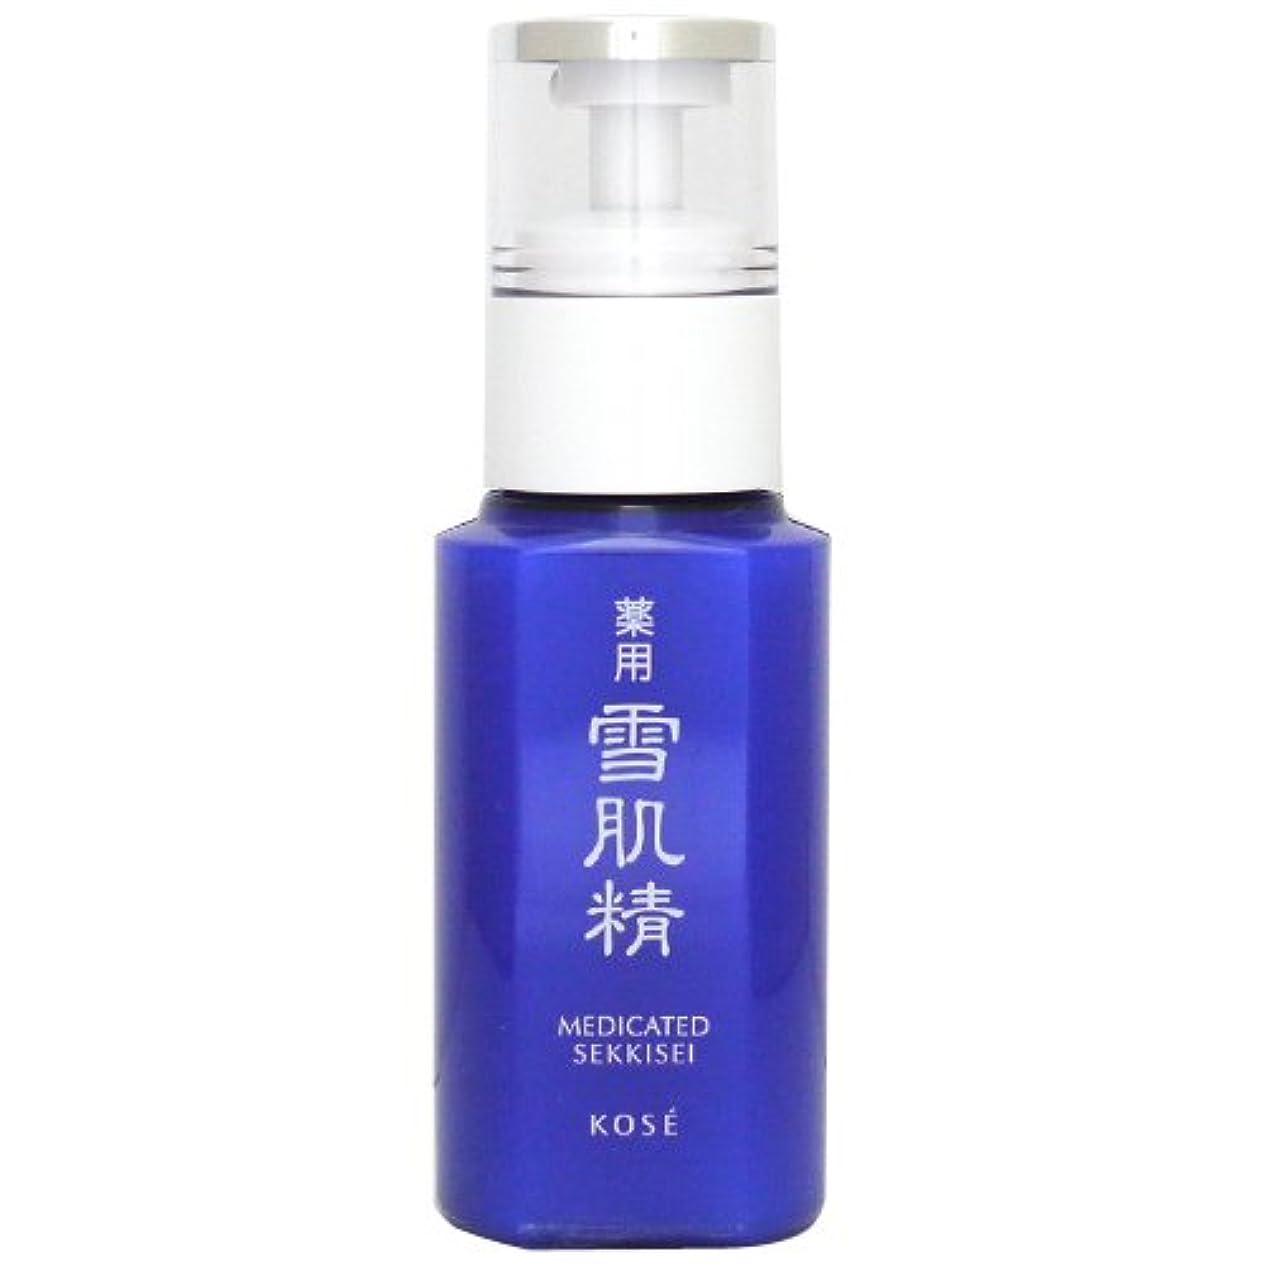 好き規範角度コーセー雪肌精 薬用 乳液(トライアルサイズ) 限定 【save the blue】 70mL